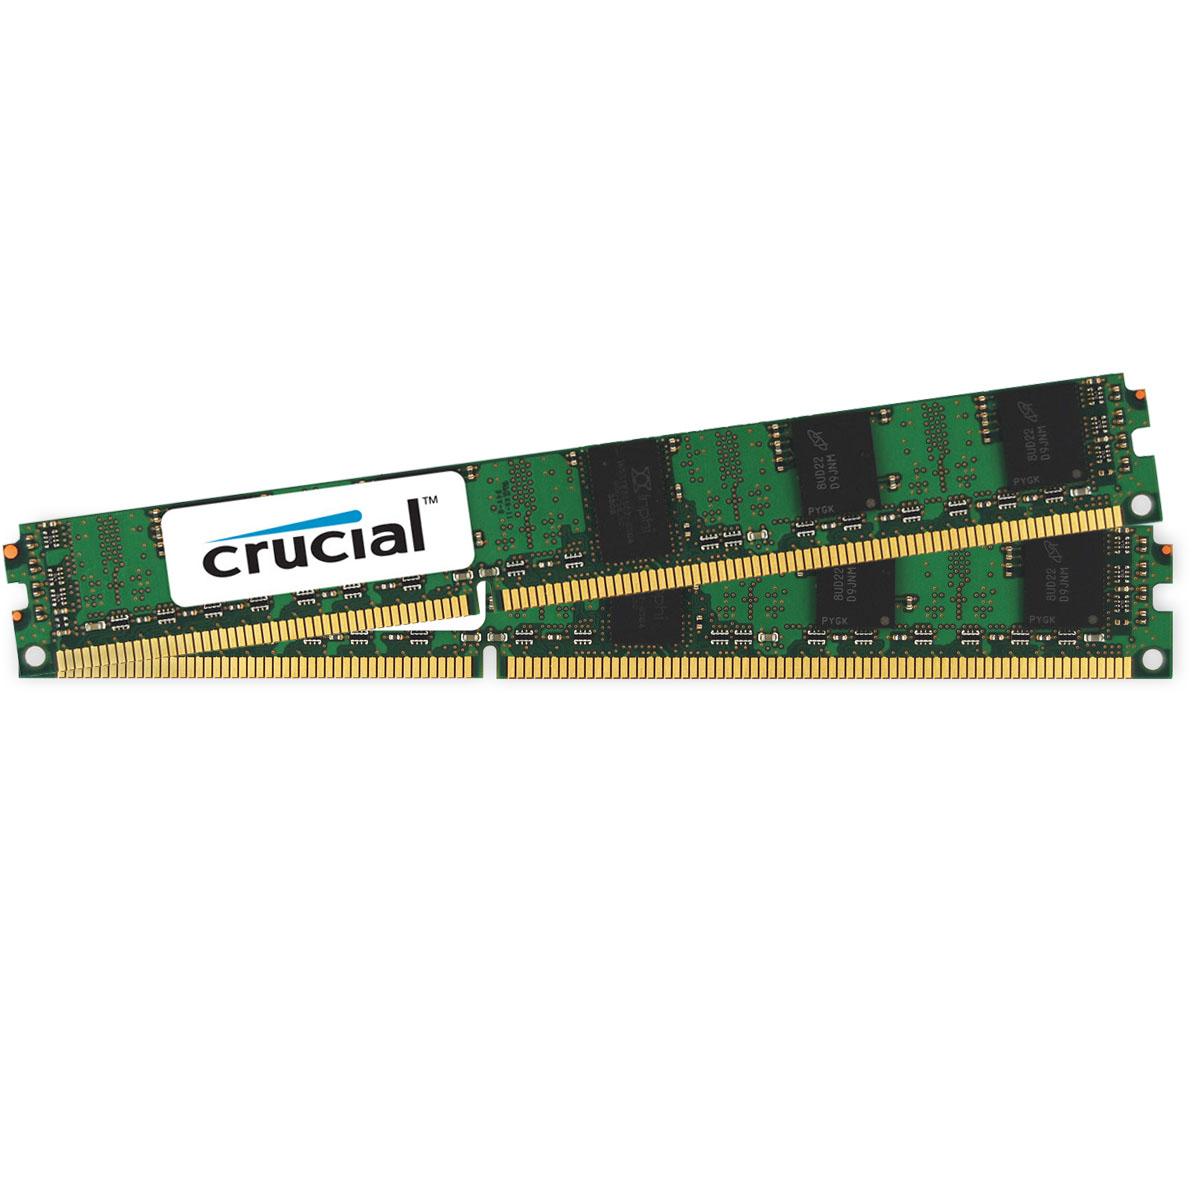 Mémoire PC Crucial DDR3 8 Go (2 x 4 Go) 1866 MHz ECC Registered CL13 DR X8 VLP RAM DDR3 ECC PC14900 - CT2K4G3ERVDD8186D (garantie à vie par Crucial)